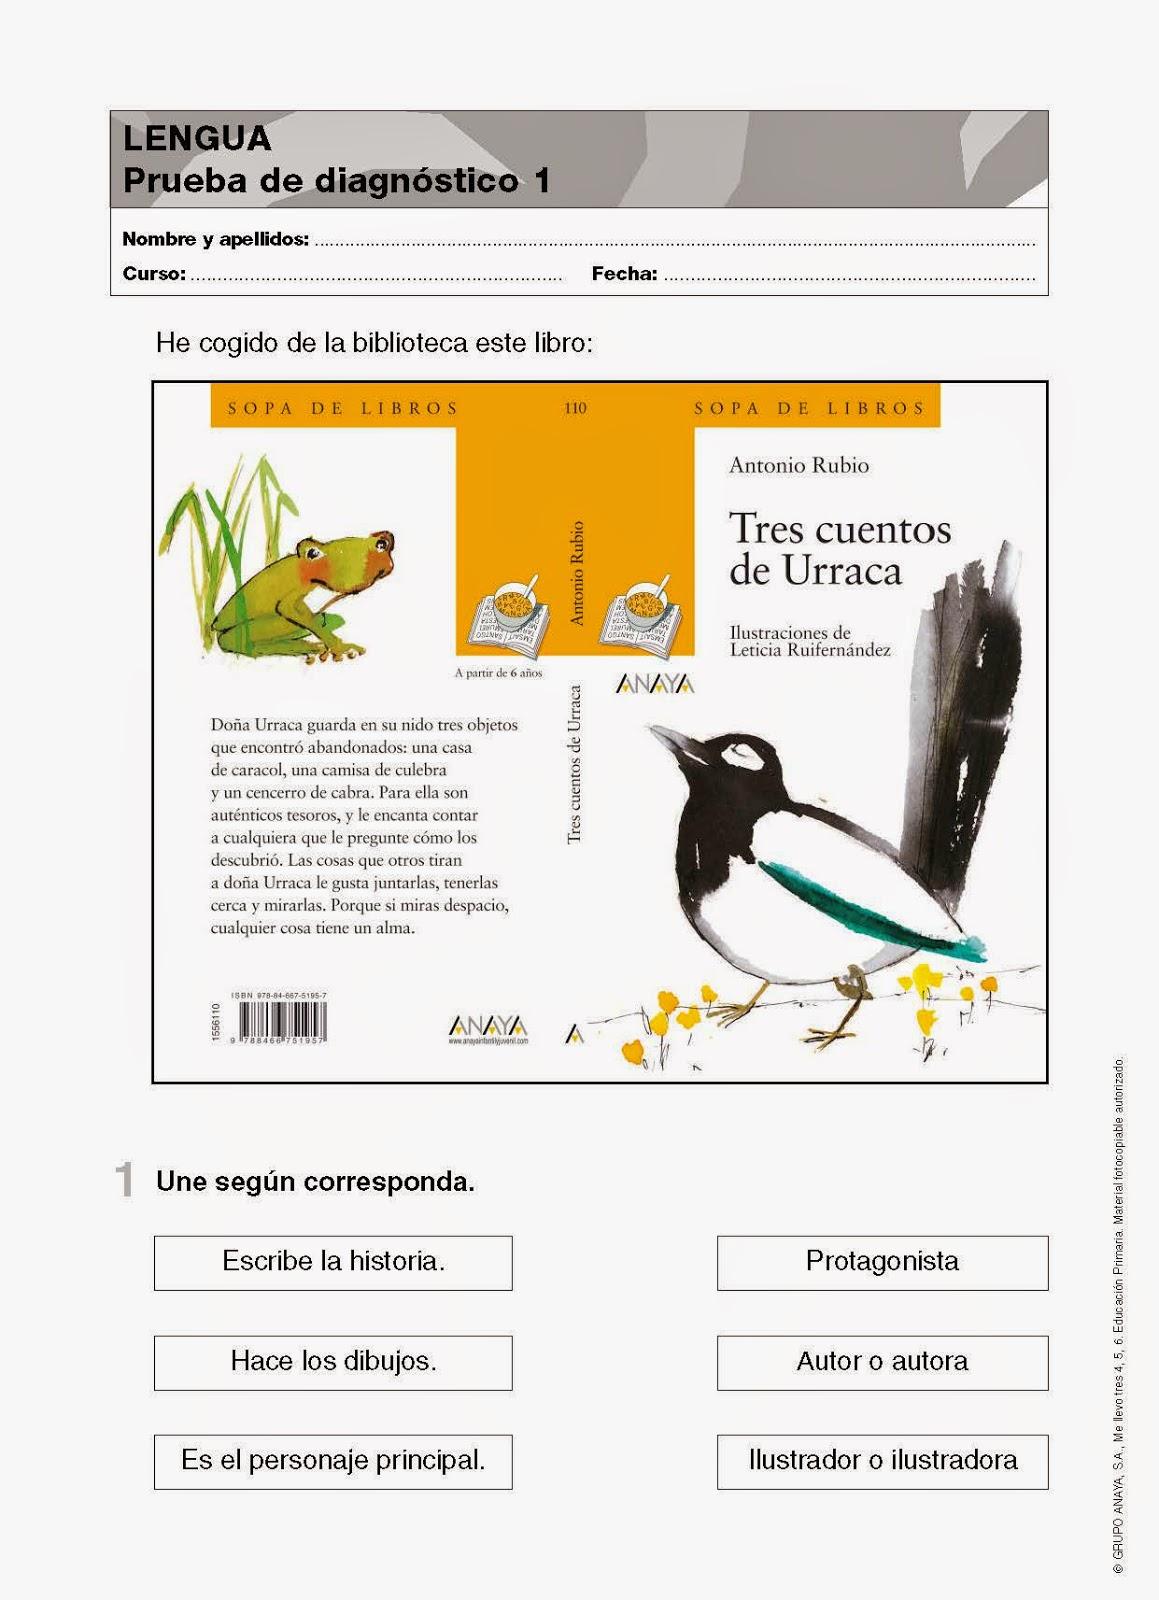 issuu.com/asuncioncabello/docs/01-pruebas_de_diagn__stico?e=1617168/7552443